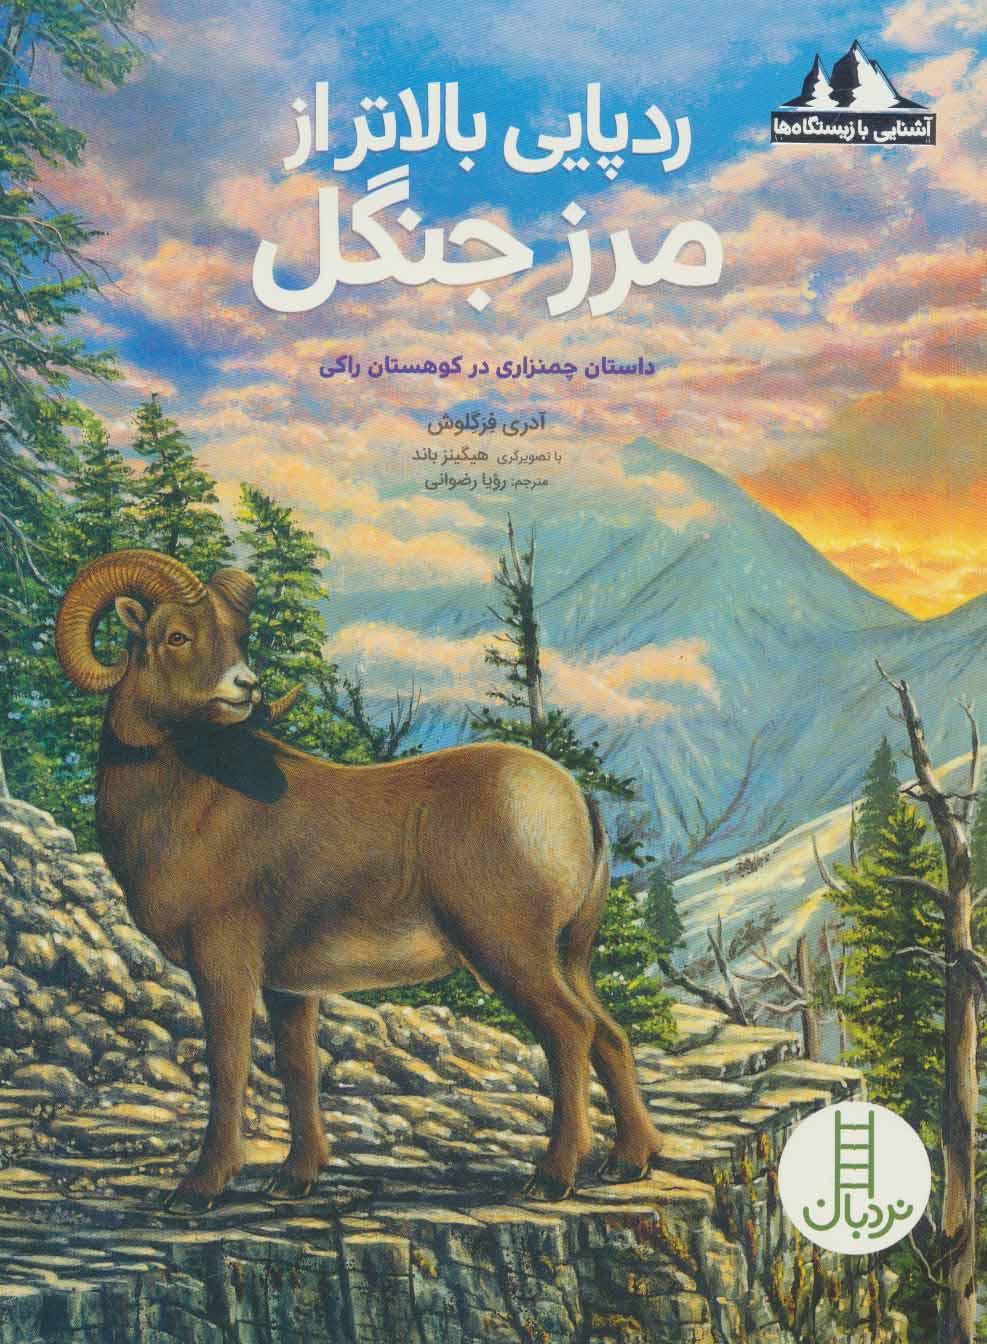 ردپایی بالاتر از مرز جنگل:داستان چمنزاری در کوهستان راکی (آشنایی با زیستگاه ها)،(گلاسه)